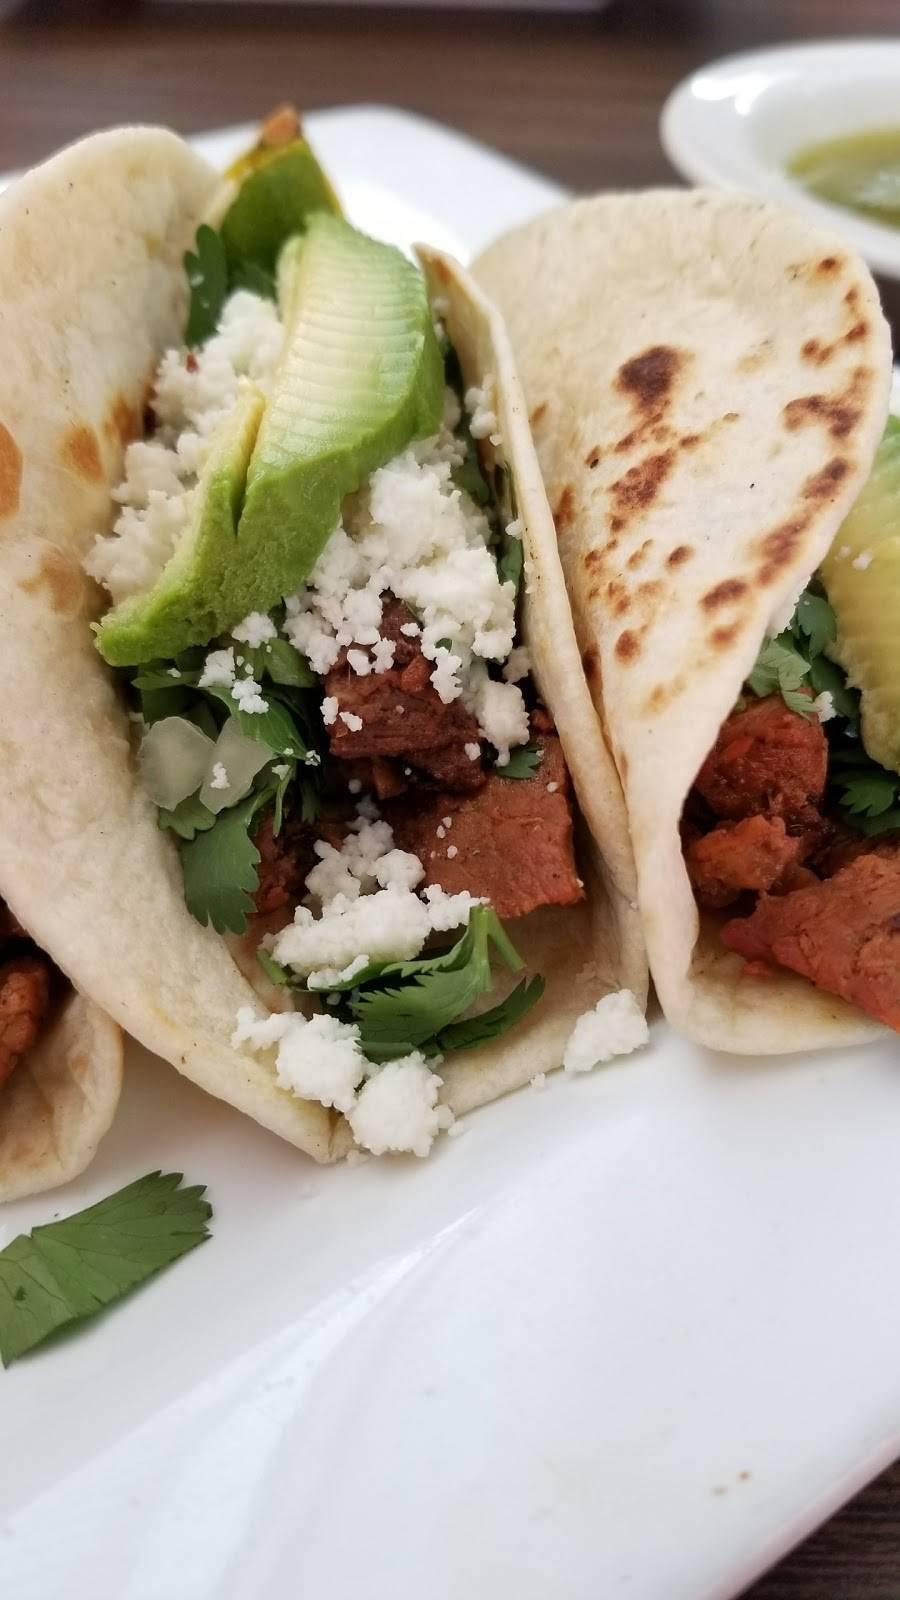 La Flor De Puebla Meat Market & Taqueria | restaurant | 3676 US-190, Livingston, TX 77351, USA